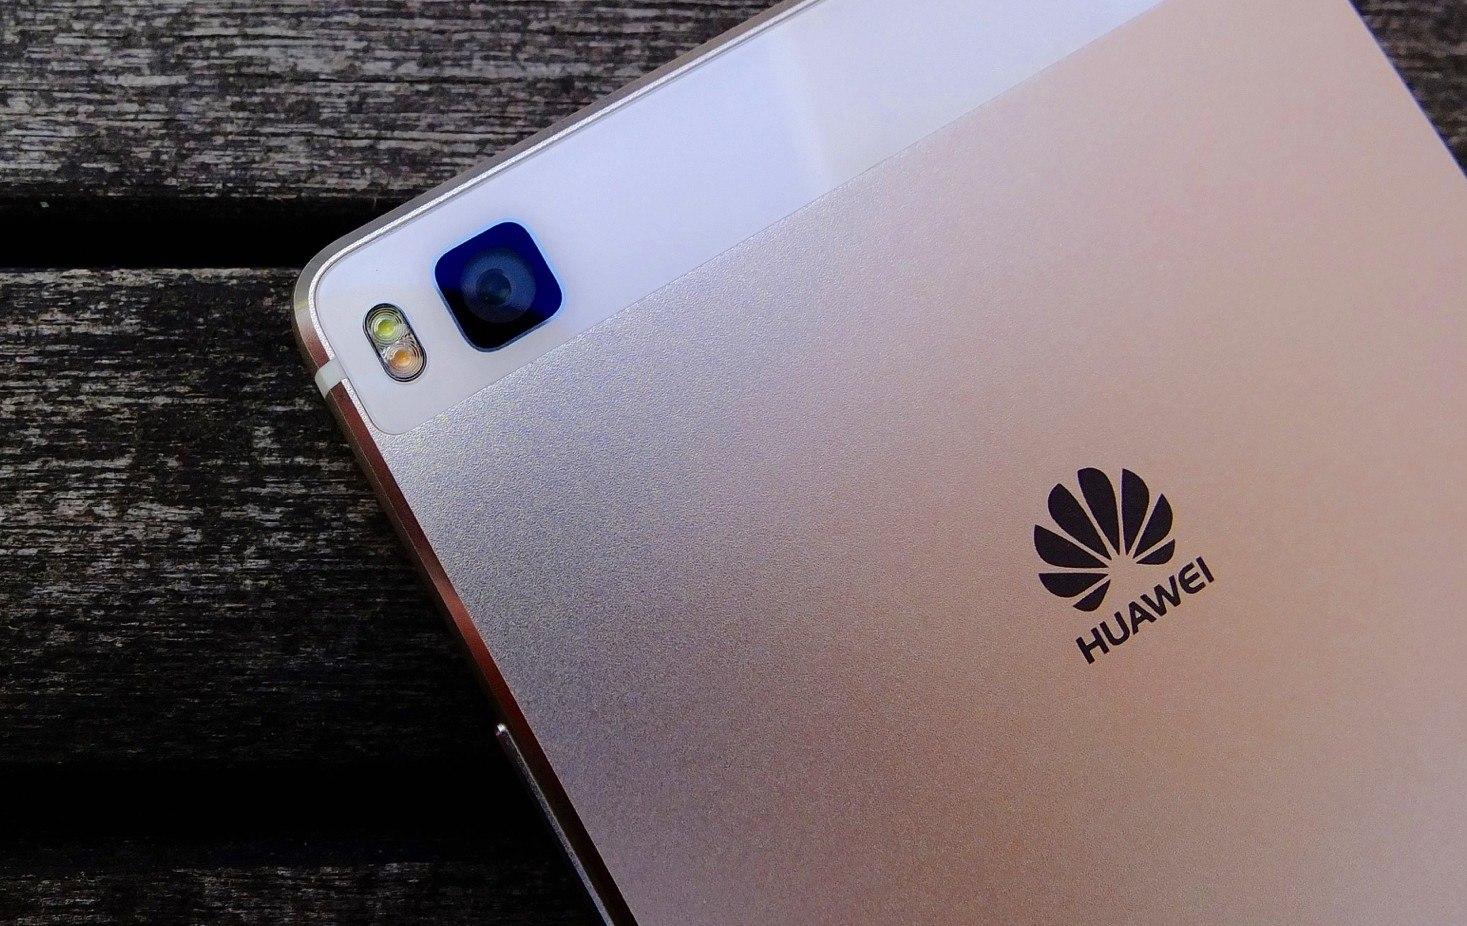 Nuovo Huawei P9 in un Benchmark, le caratteristiche